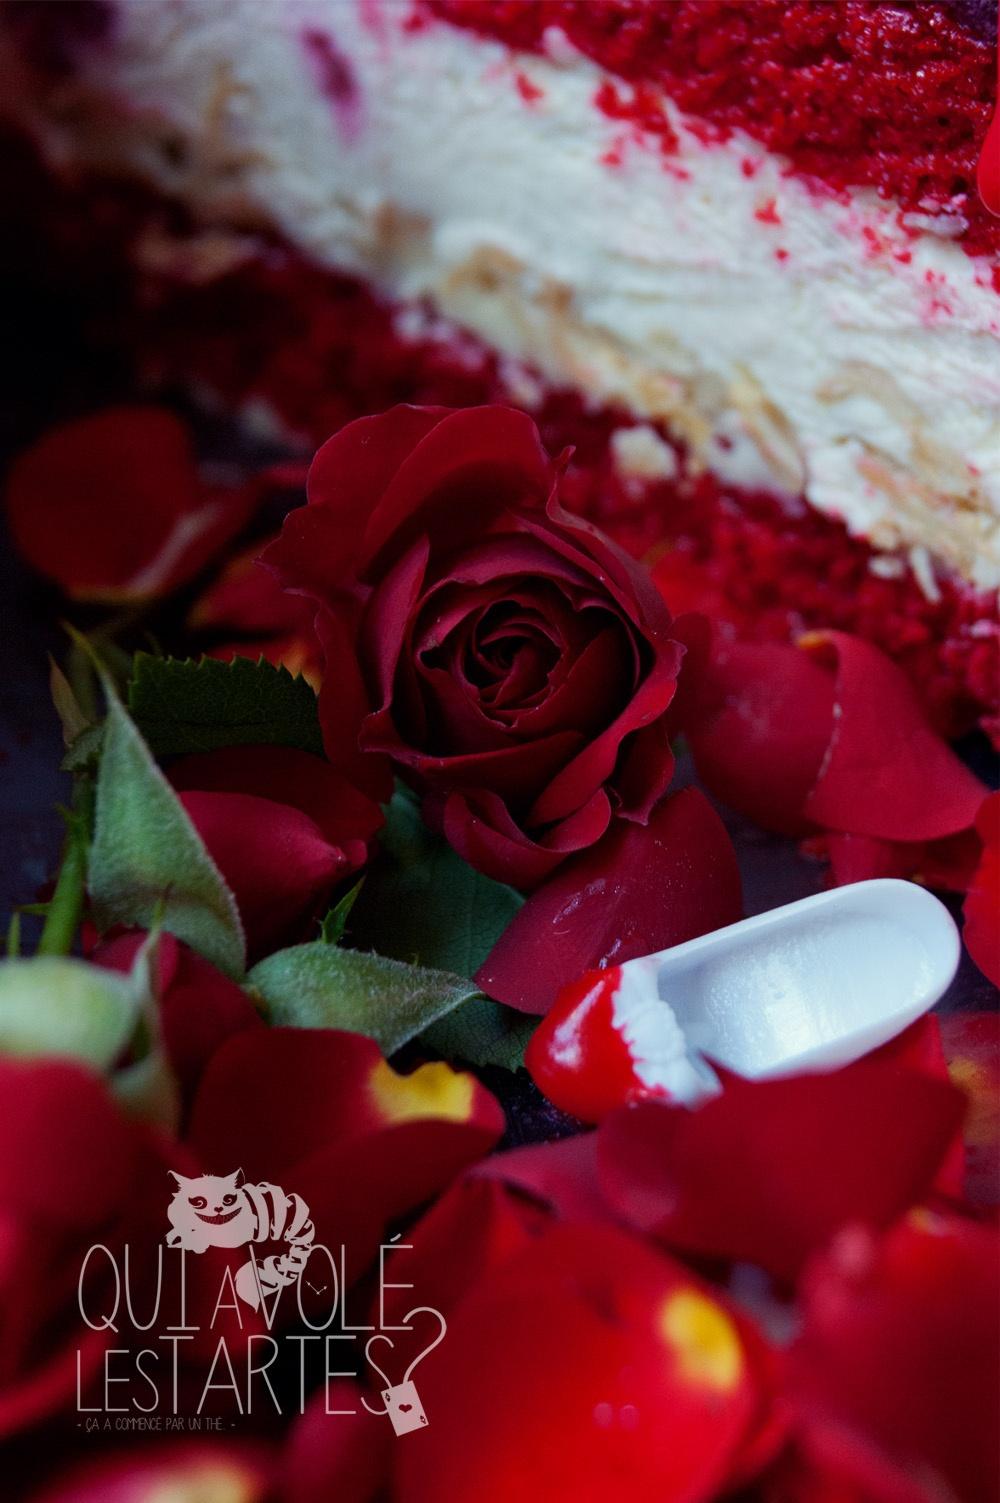 Corpse Bride 4 - Studio 2 création - Qui a volé les tartes